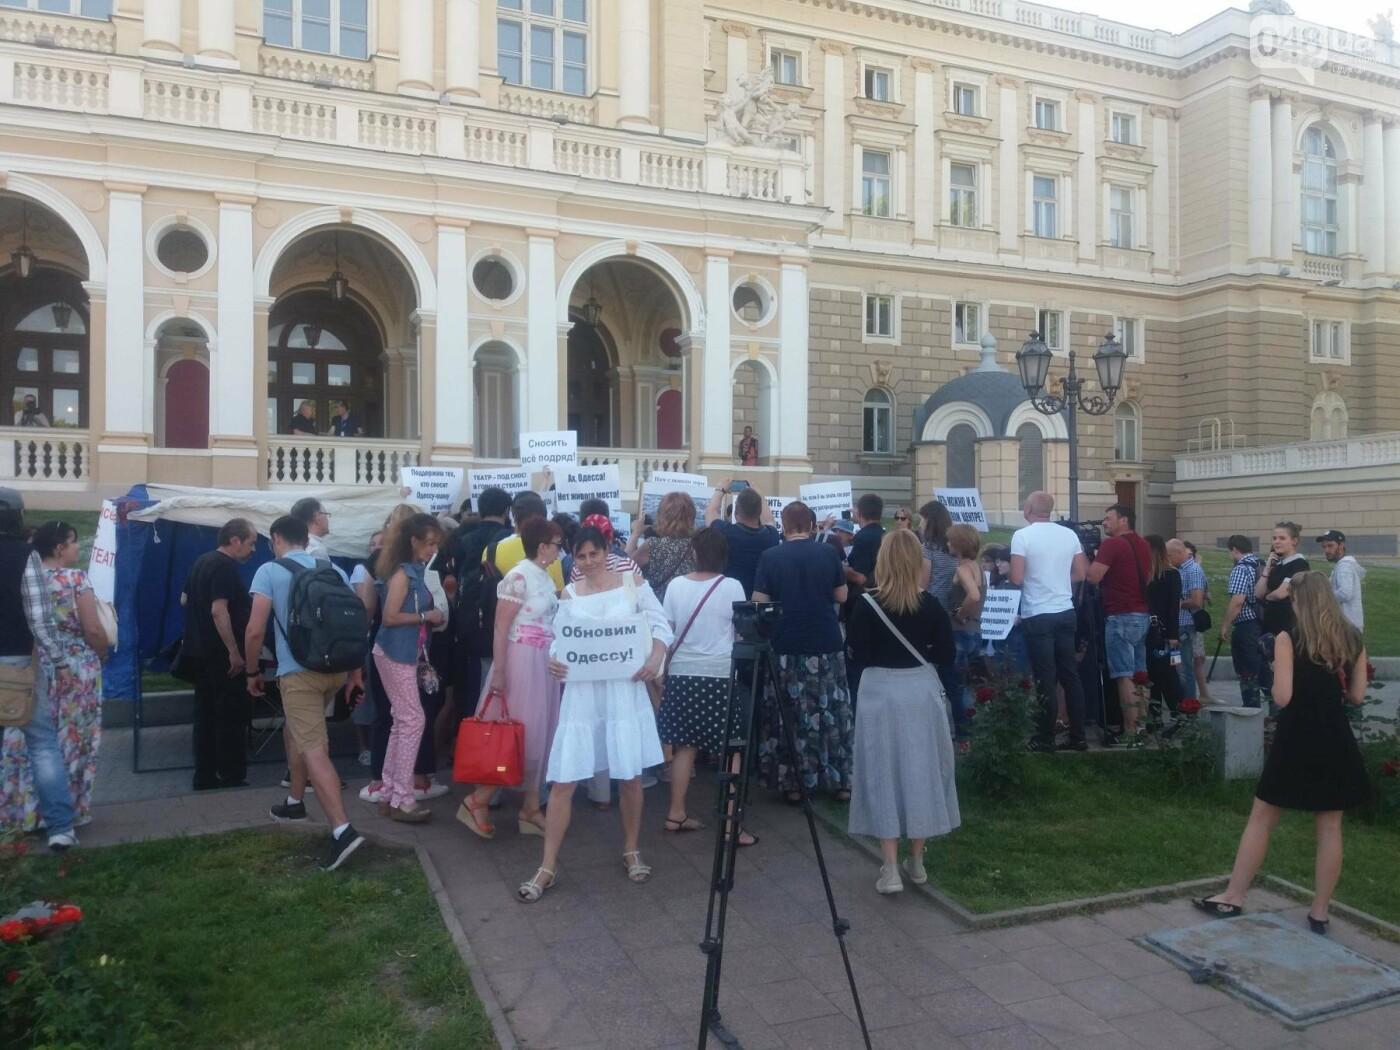 В Одессе требовали снести оперный театр и построить торговый центр, - ФОТО, ВИДЕО, фото-10